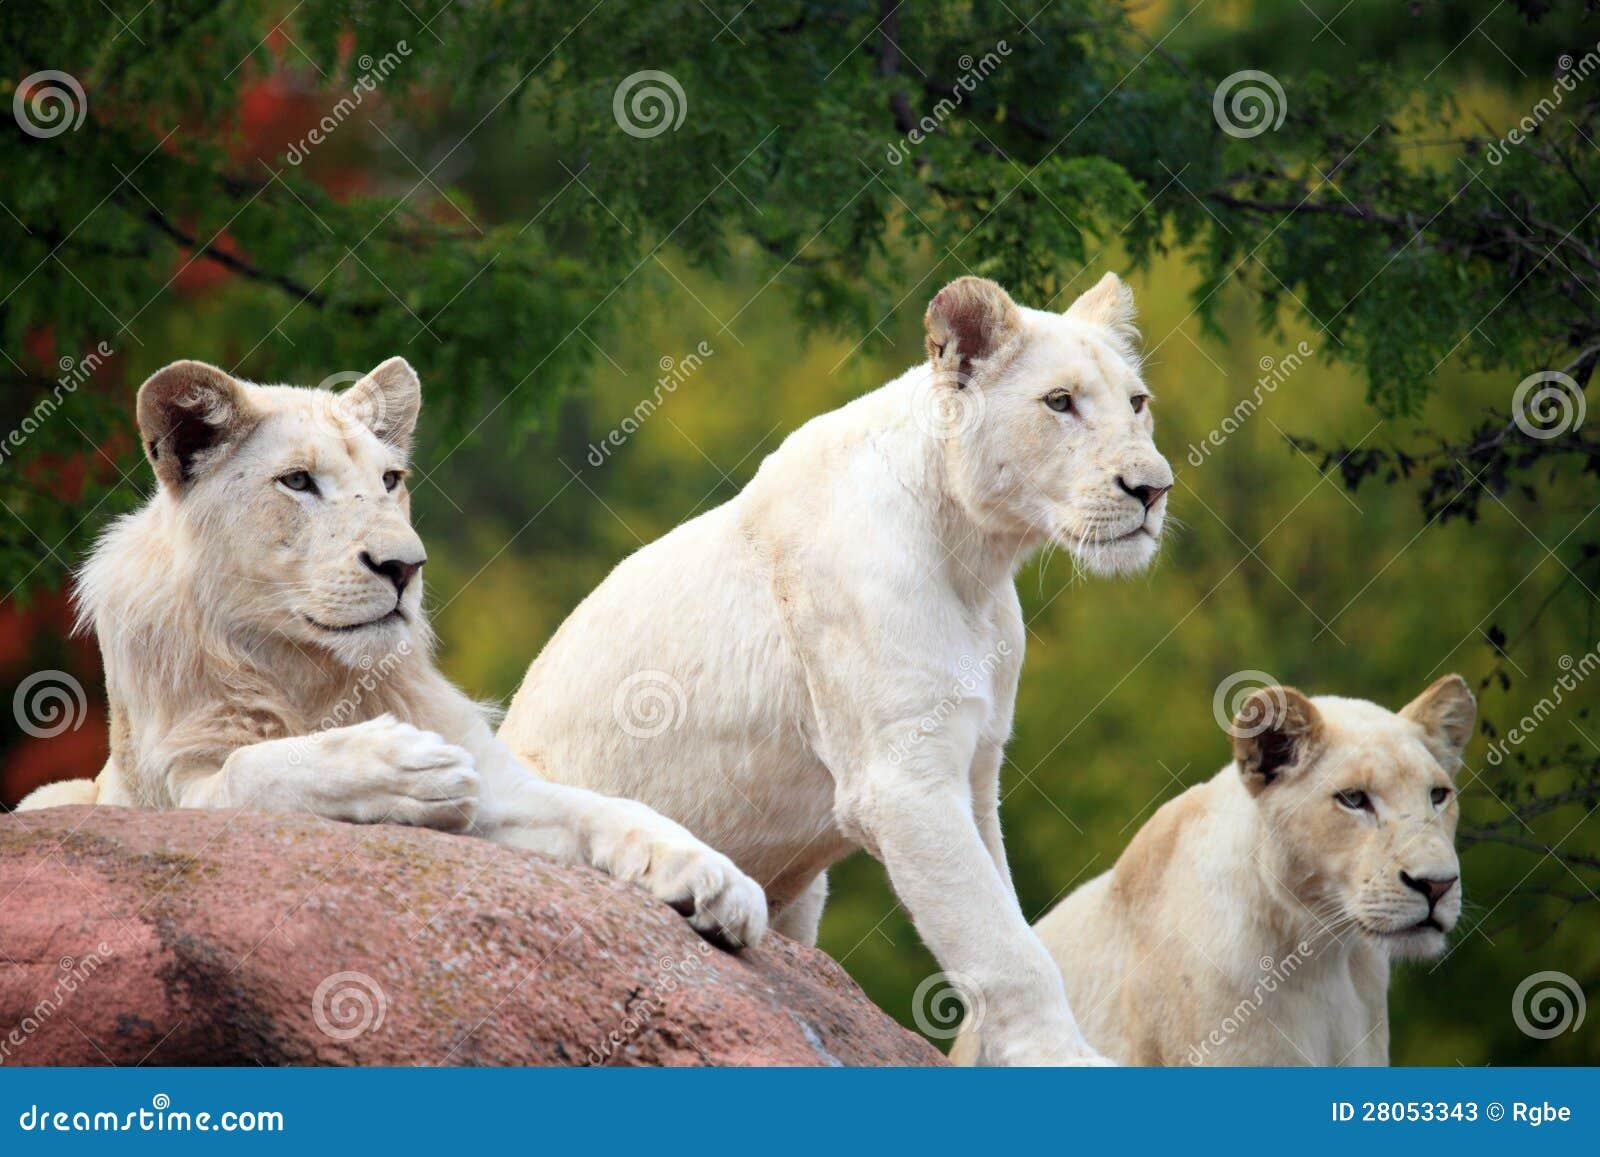 Foto de los leones blancos al viajar en el parque zoológico.